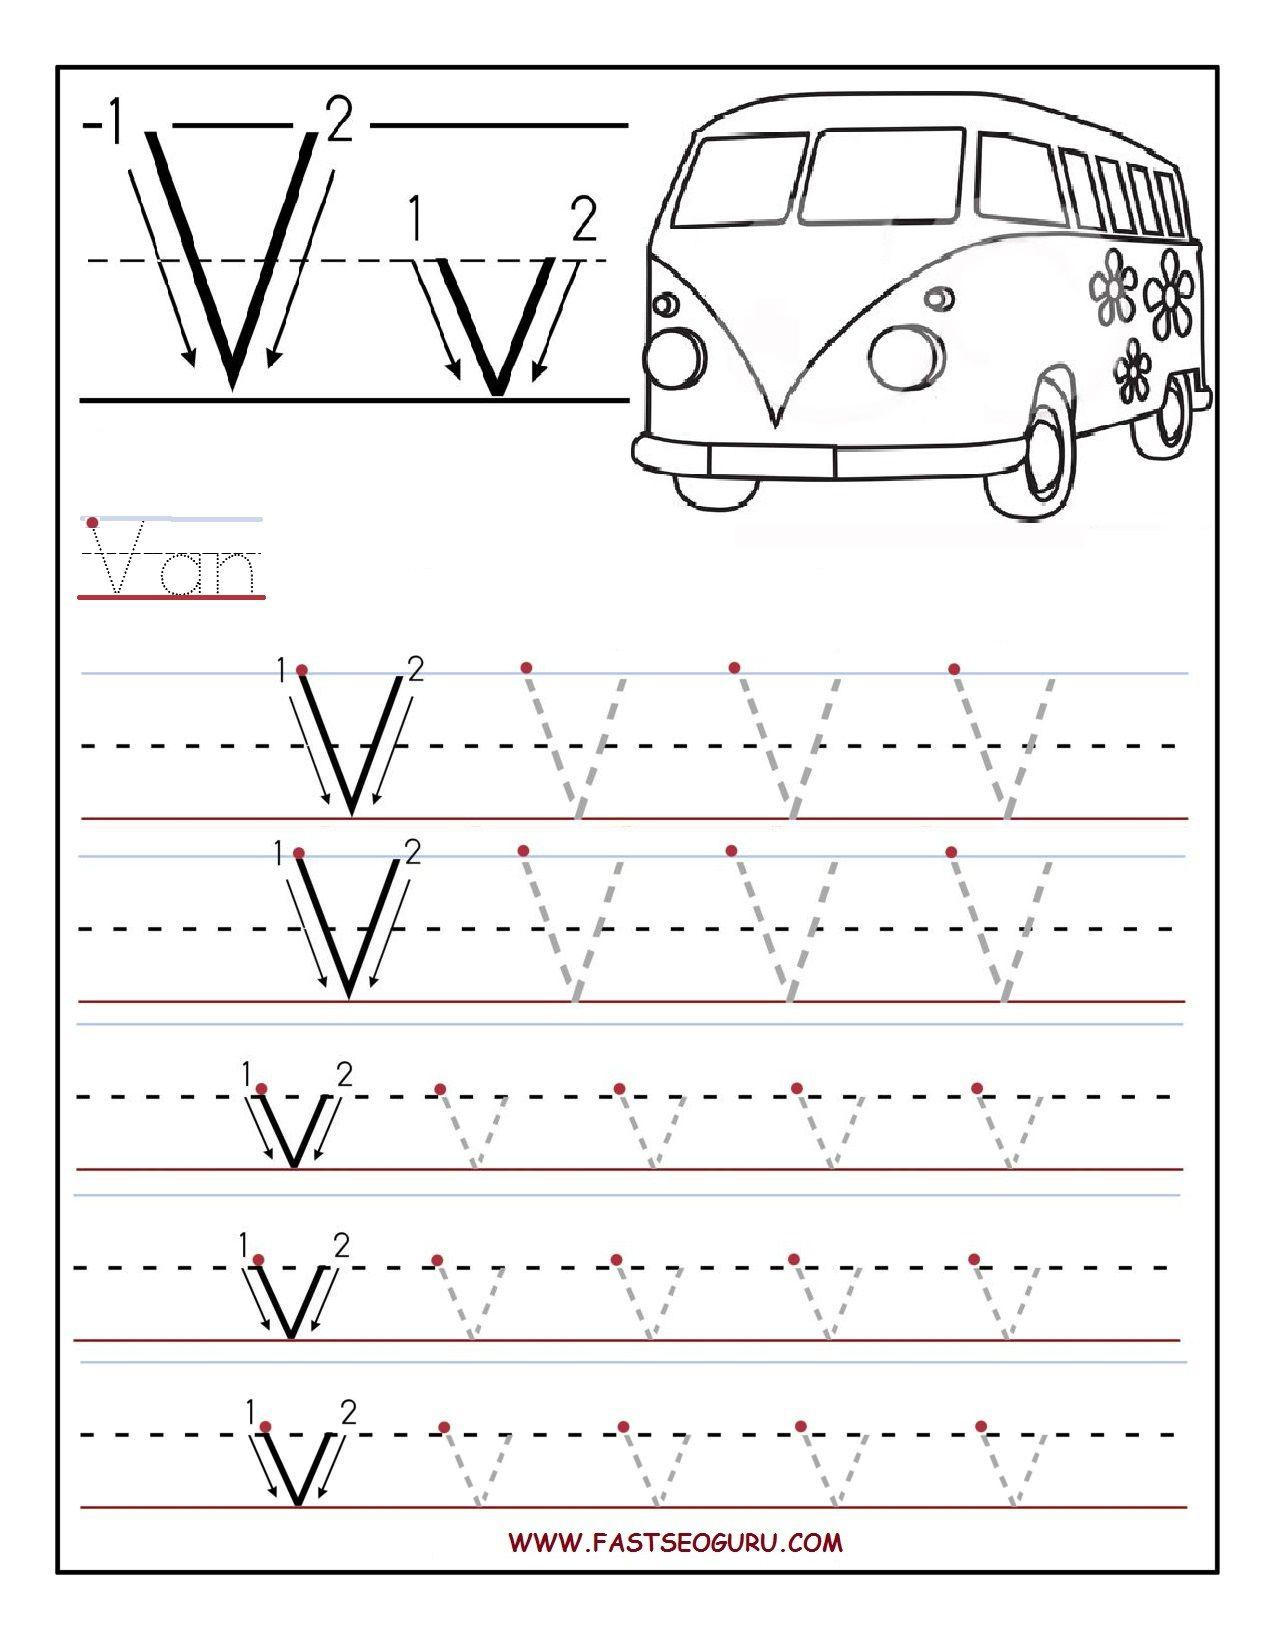 Printable Letter V Tracing Worksheets For Preschool with Letter V Worksheets For Prek